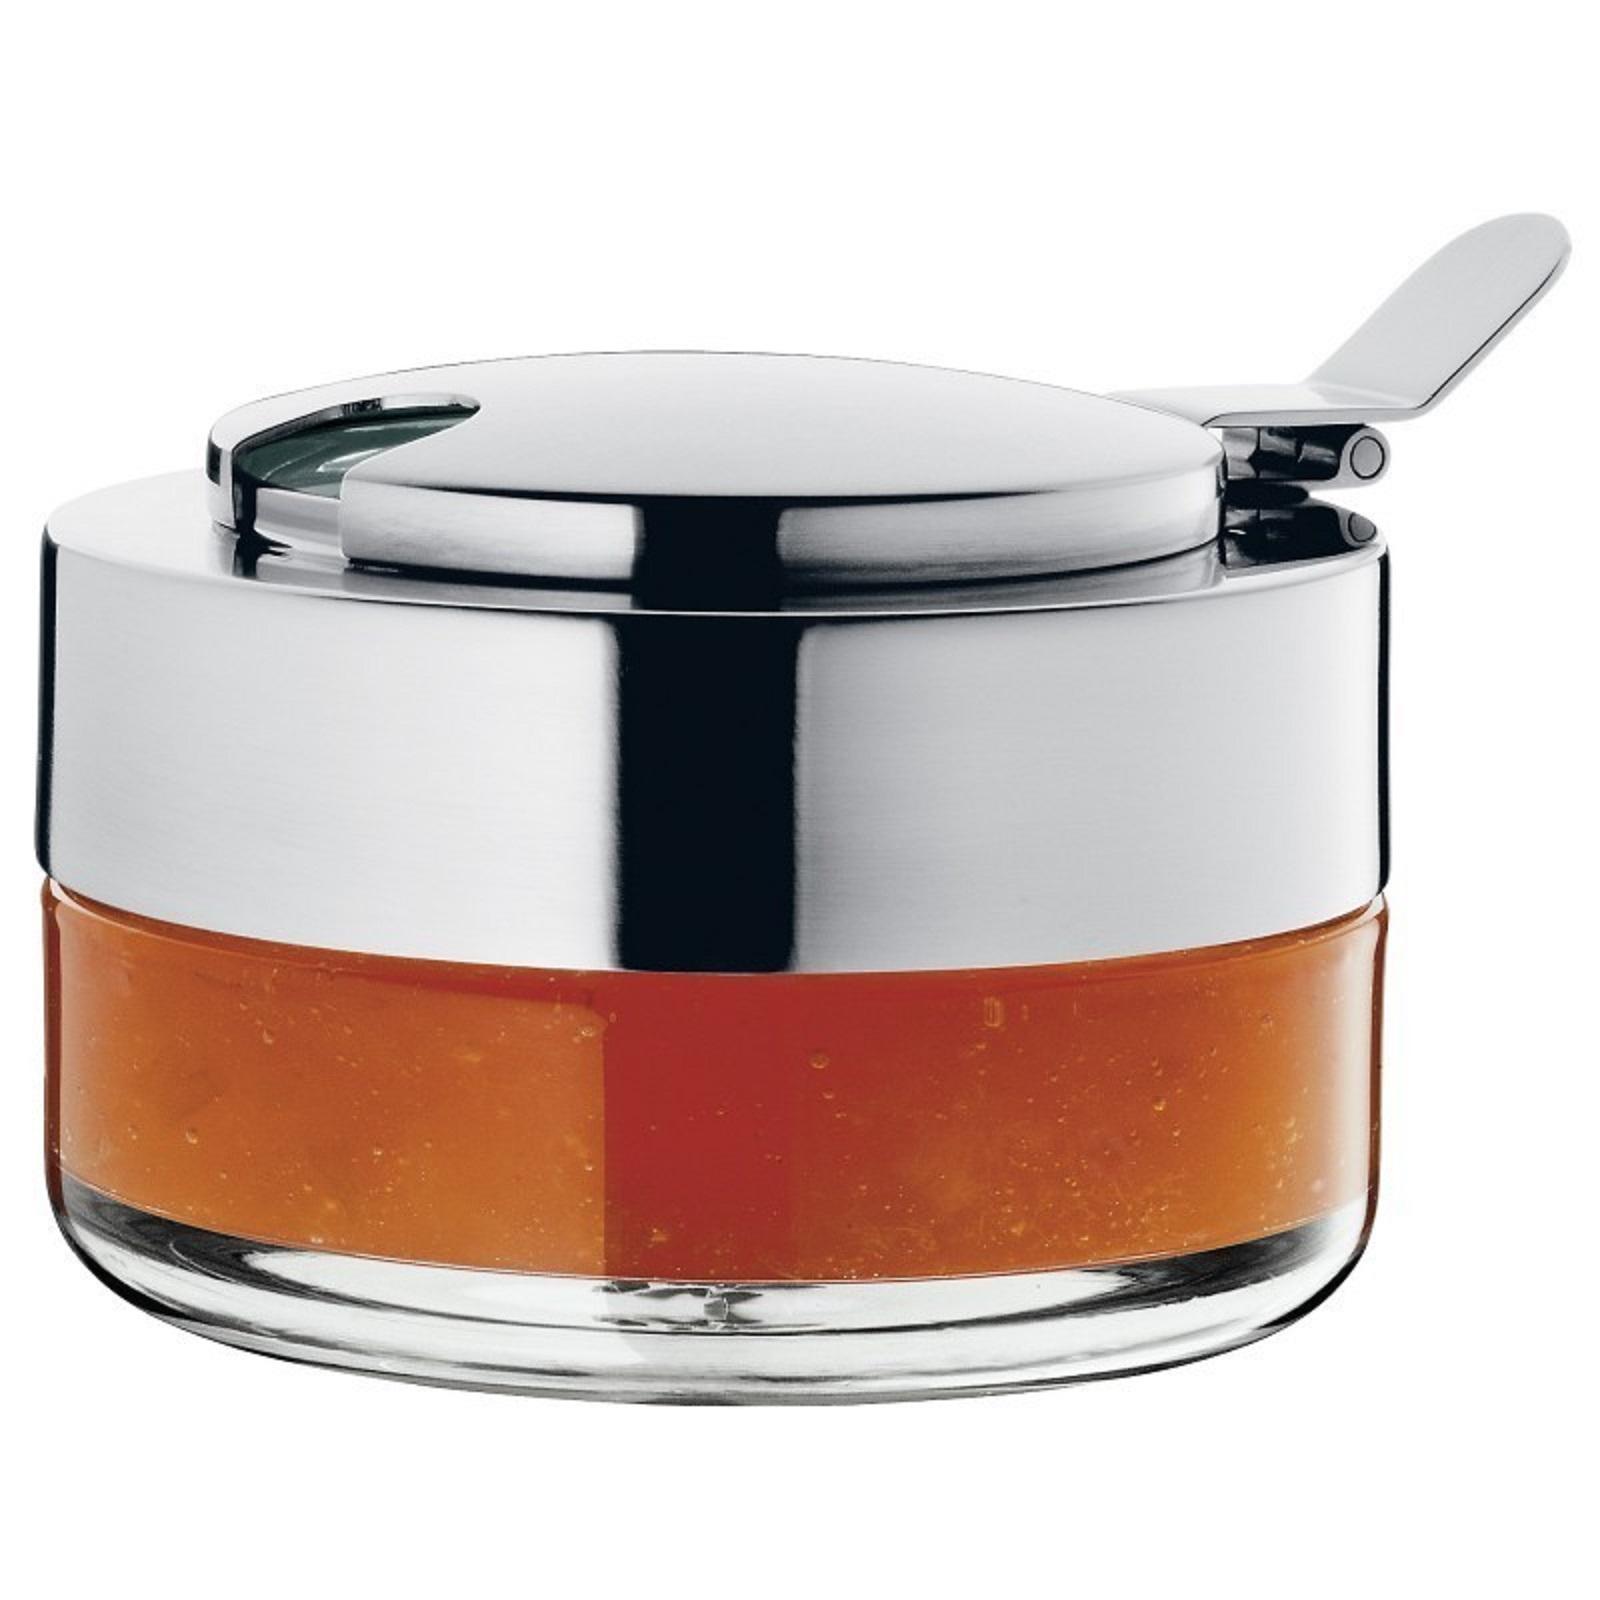 Онлайн каталог PROMENU: Емкость для варенья/меда WMF Kult, диаметр 10 см, высота 7 см, прозрачный с серебристым WMF 06 2591 6030